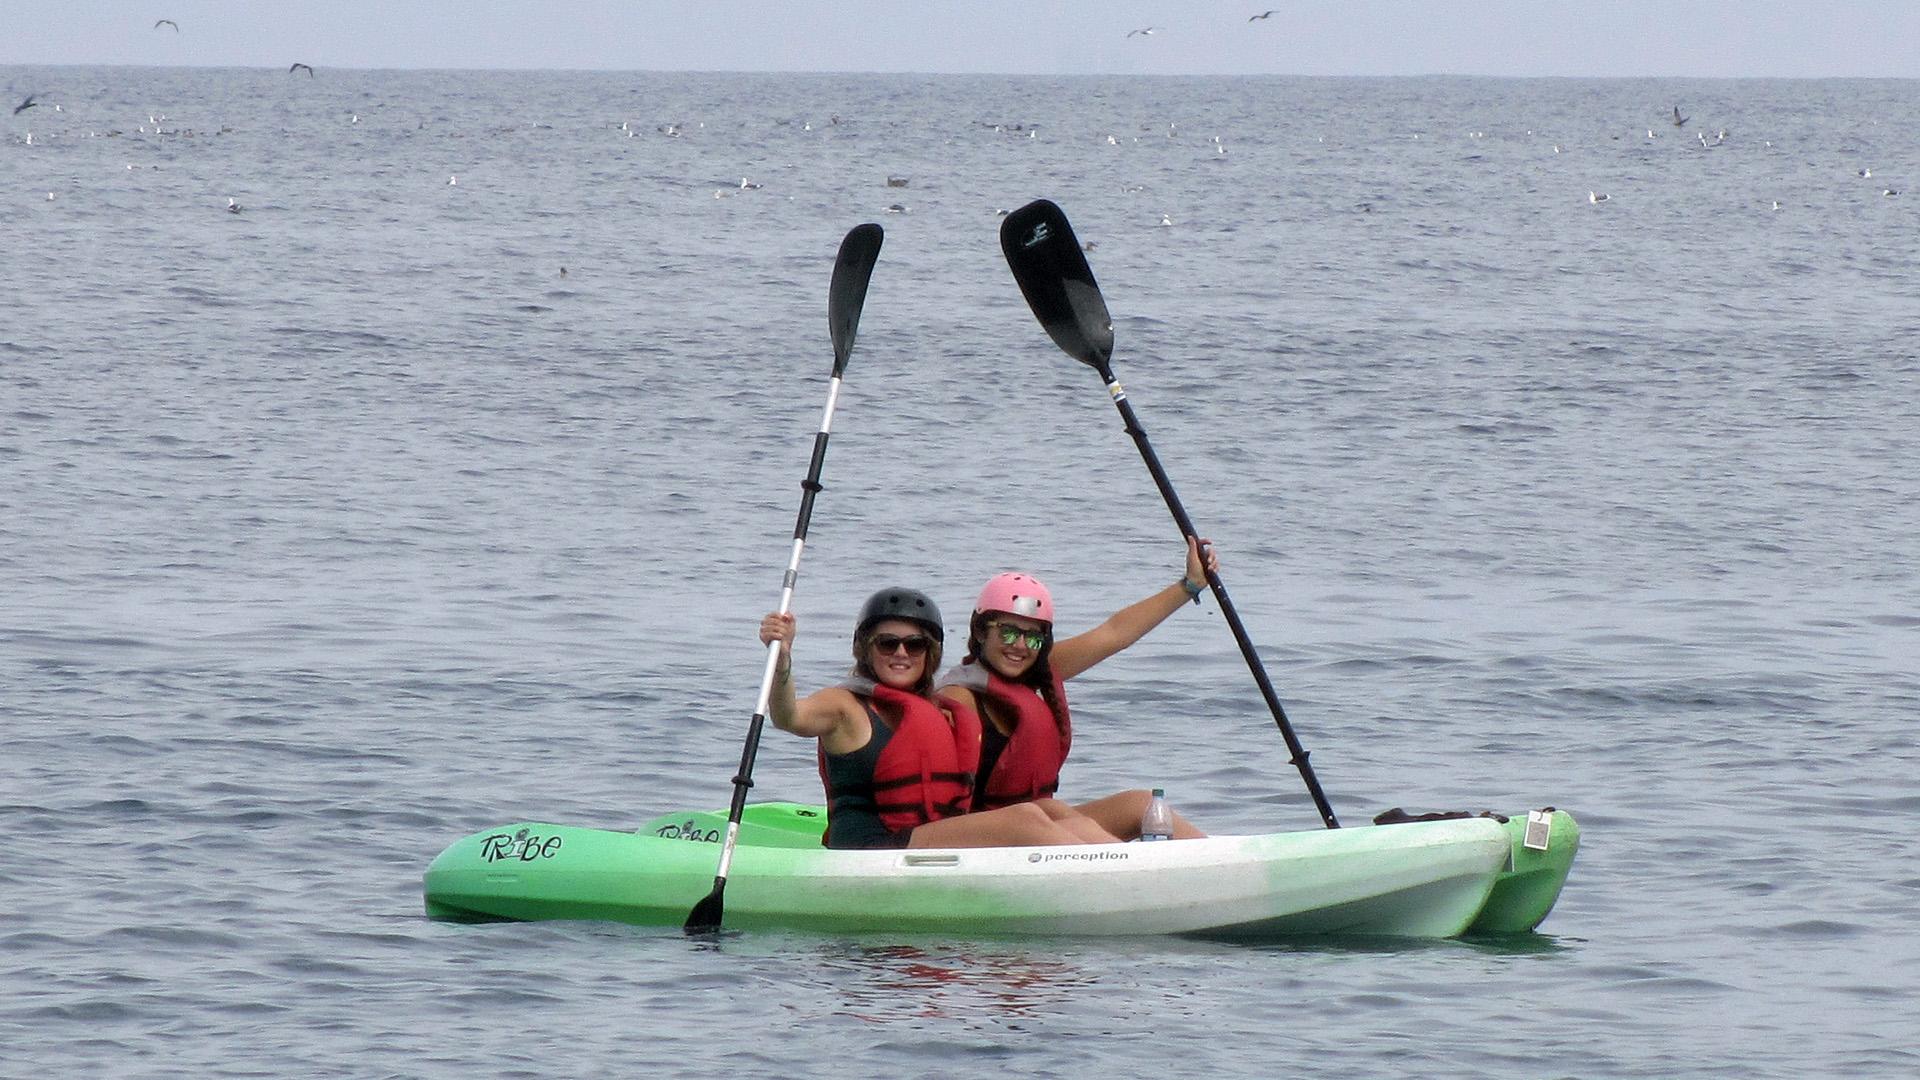 Stefanie and Zeinab kayaking in the ocean